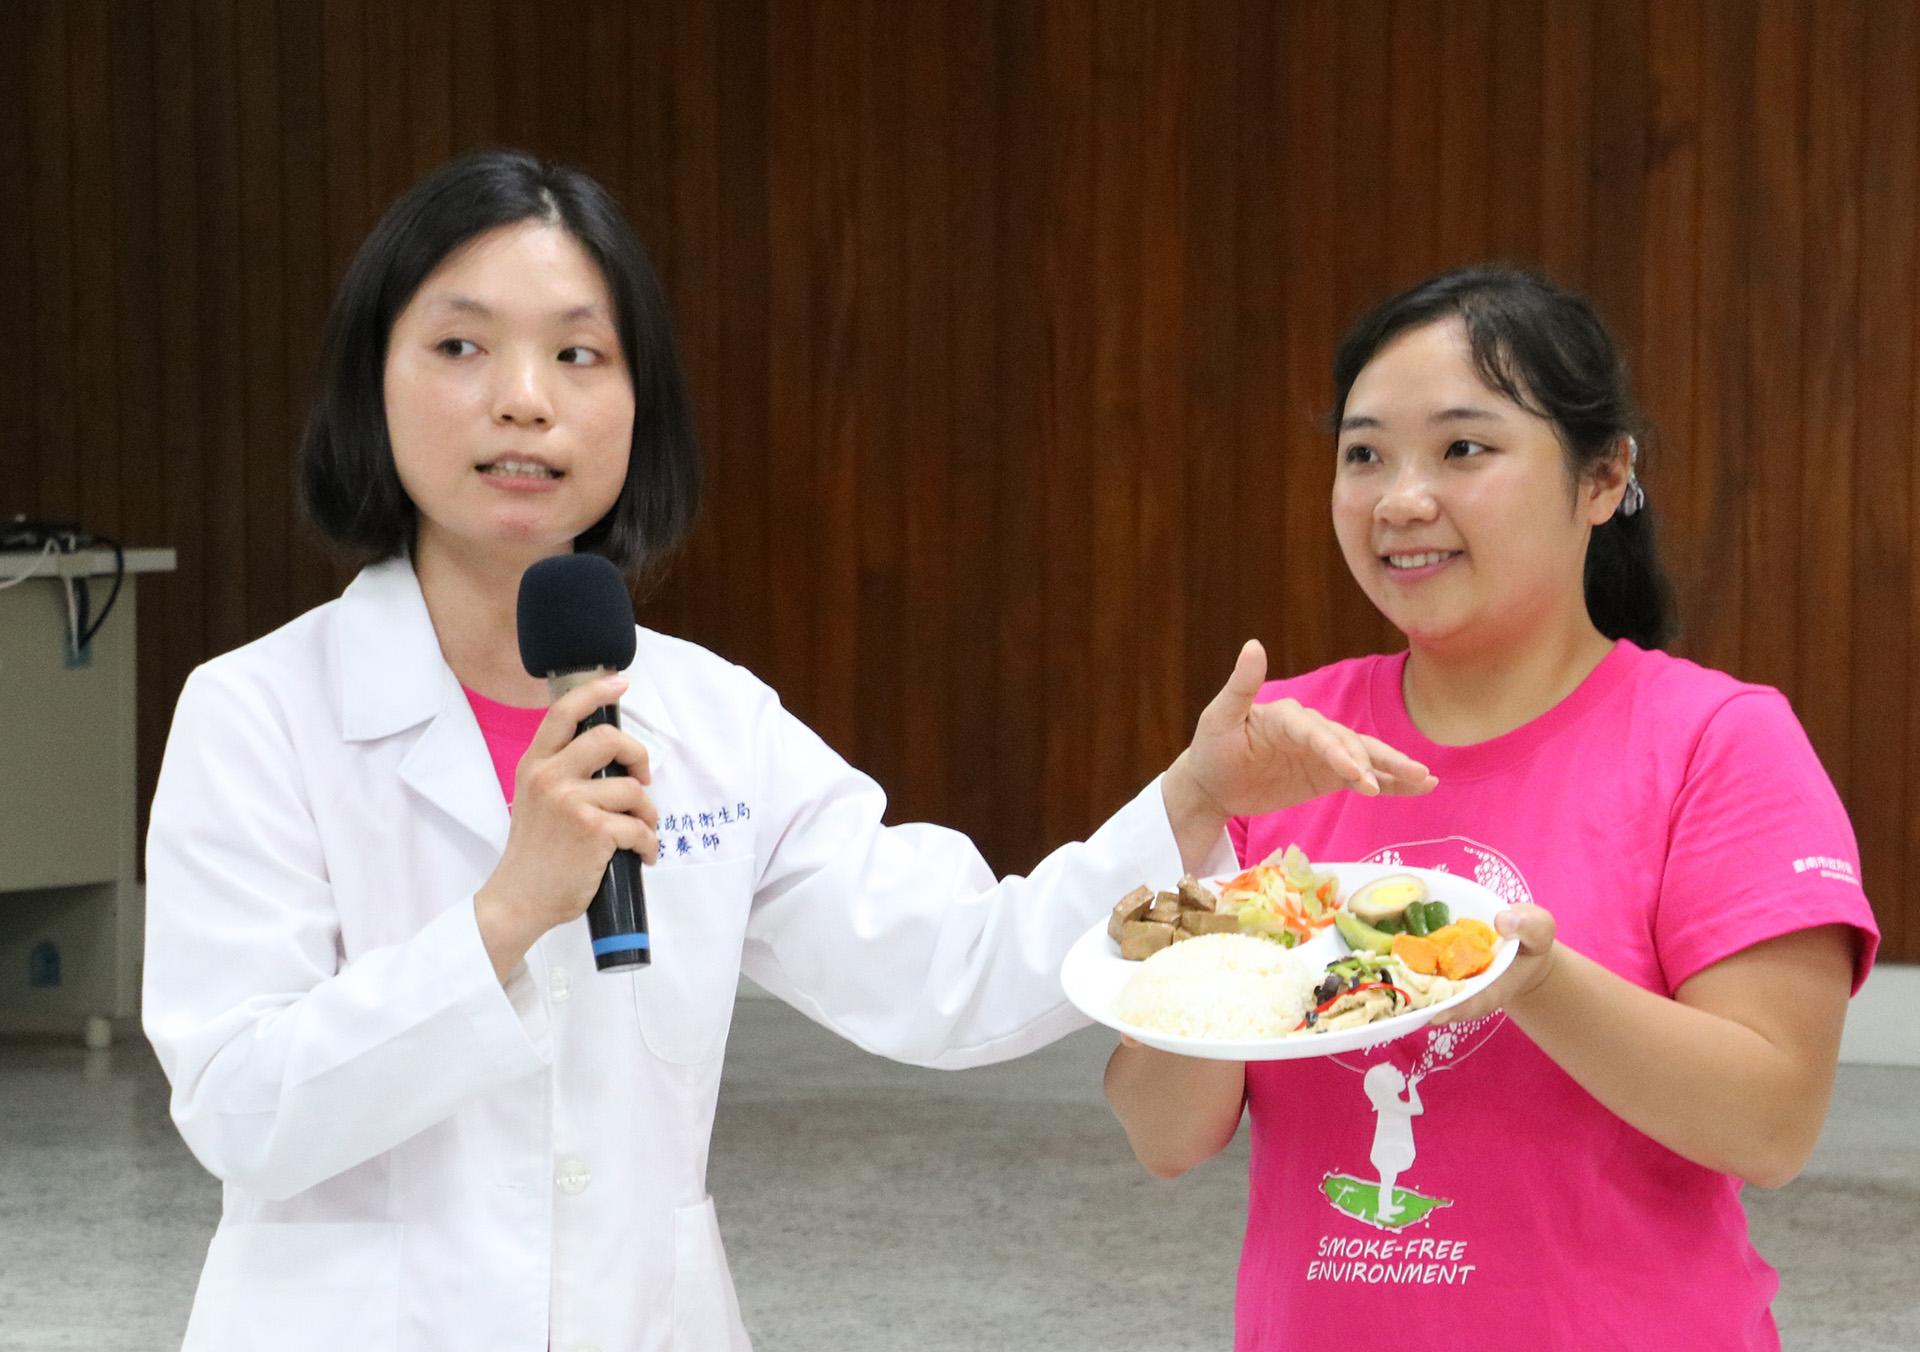 營養師李季樺介紹如何吃得健康、補充足夠植物蛋白質。